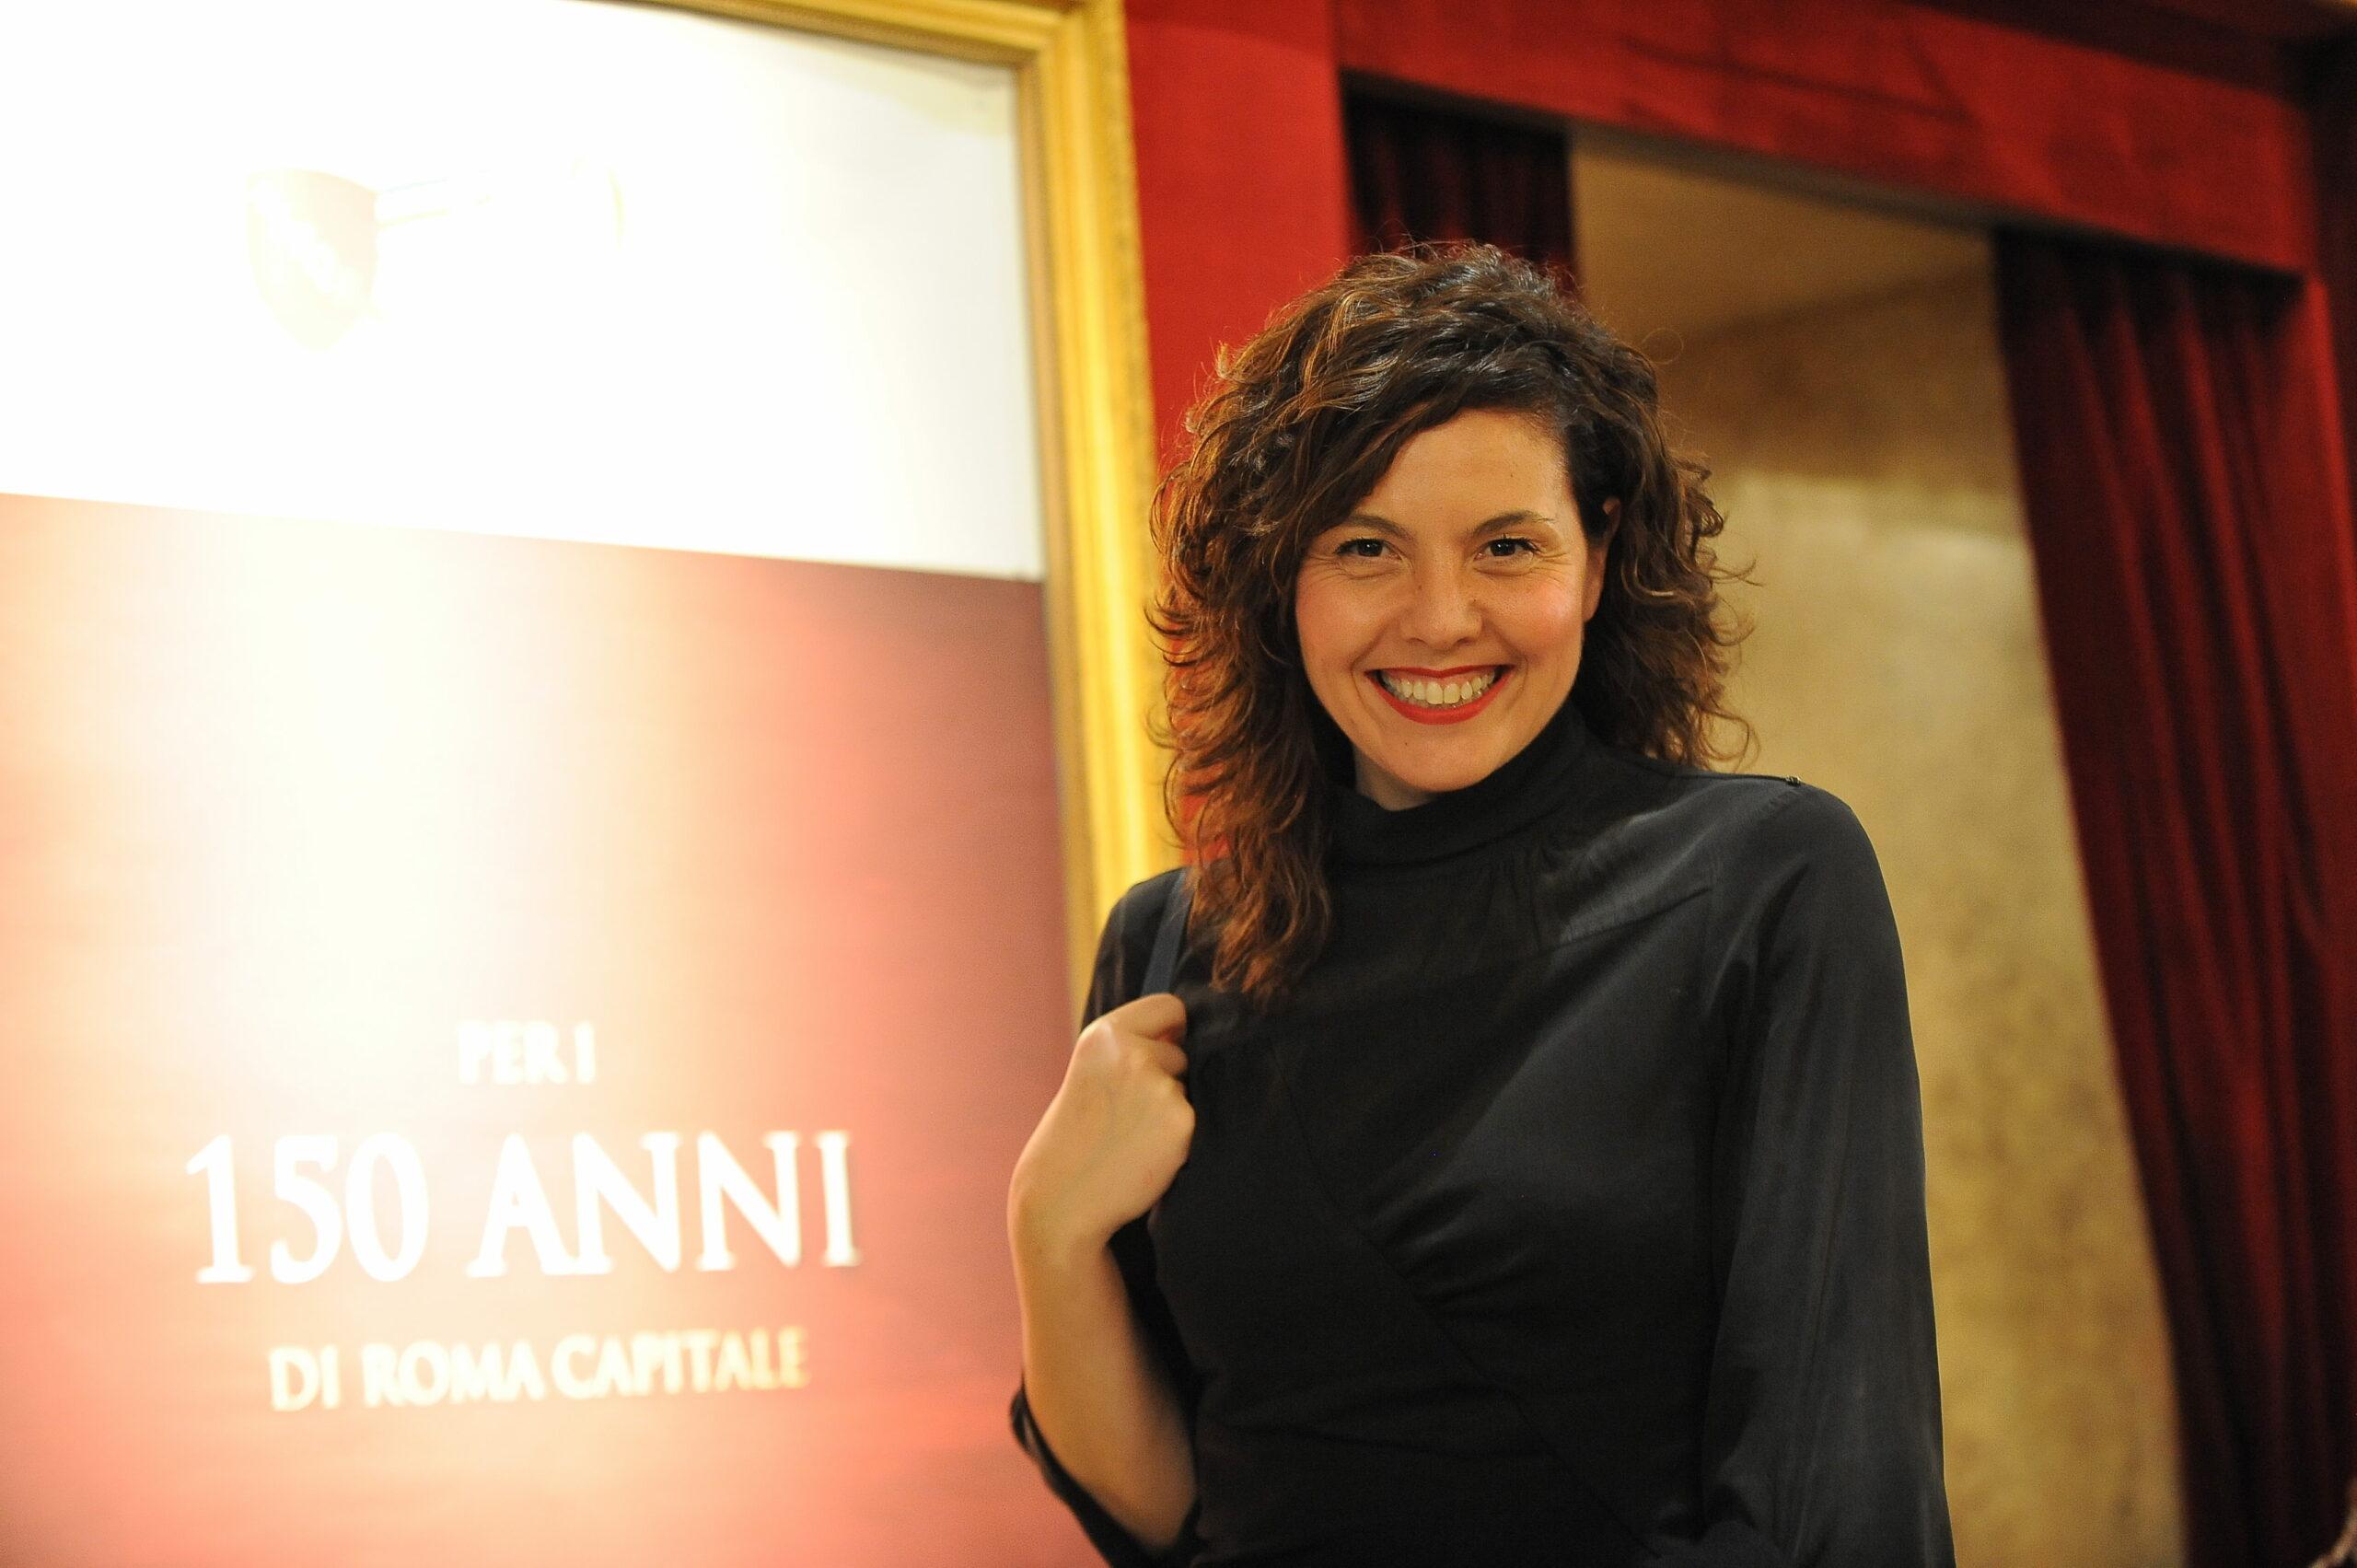 Lorenza Fruci neo assessora alla cultura di Roma. Pioggia di critiche e commenti sessisti sui social